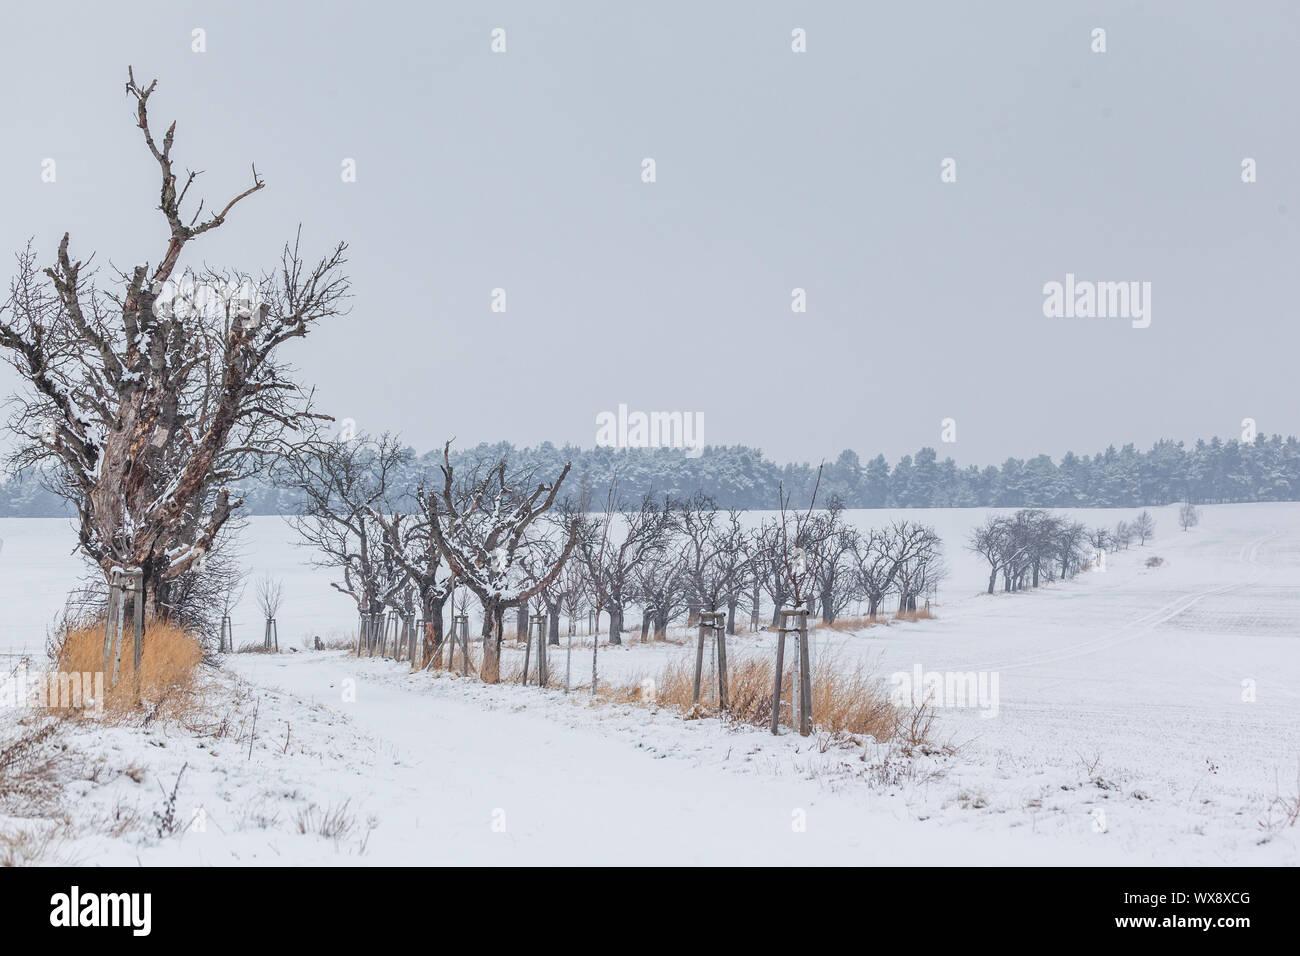 Ruta de campo con avenida arbolada en invierno Foto de stock